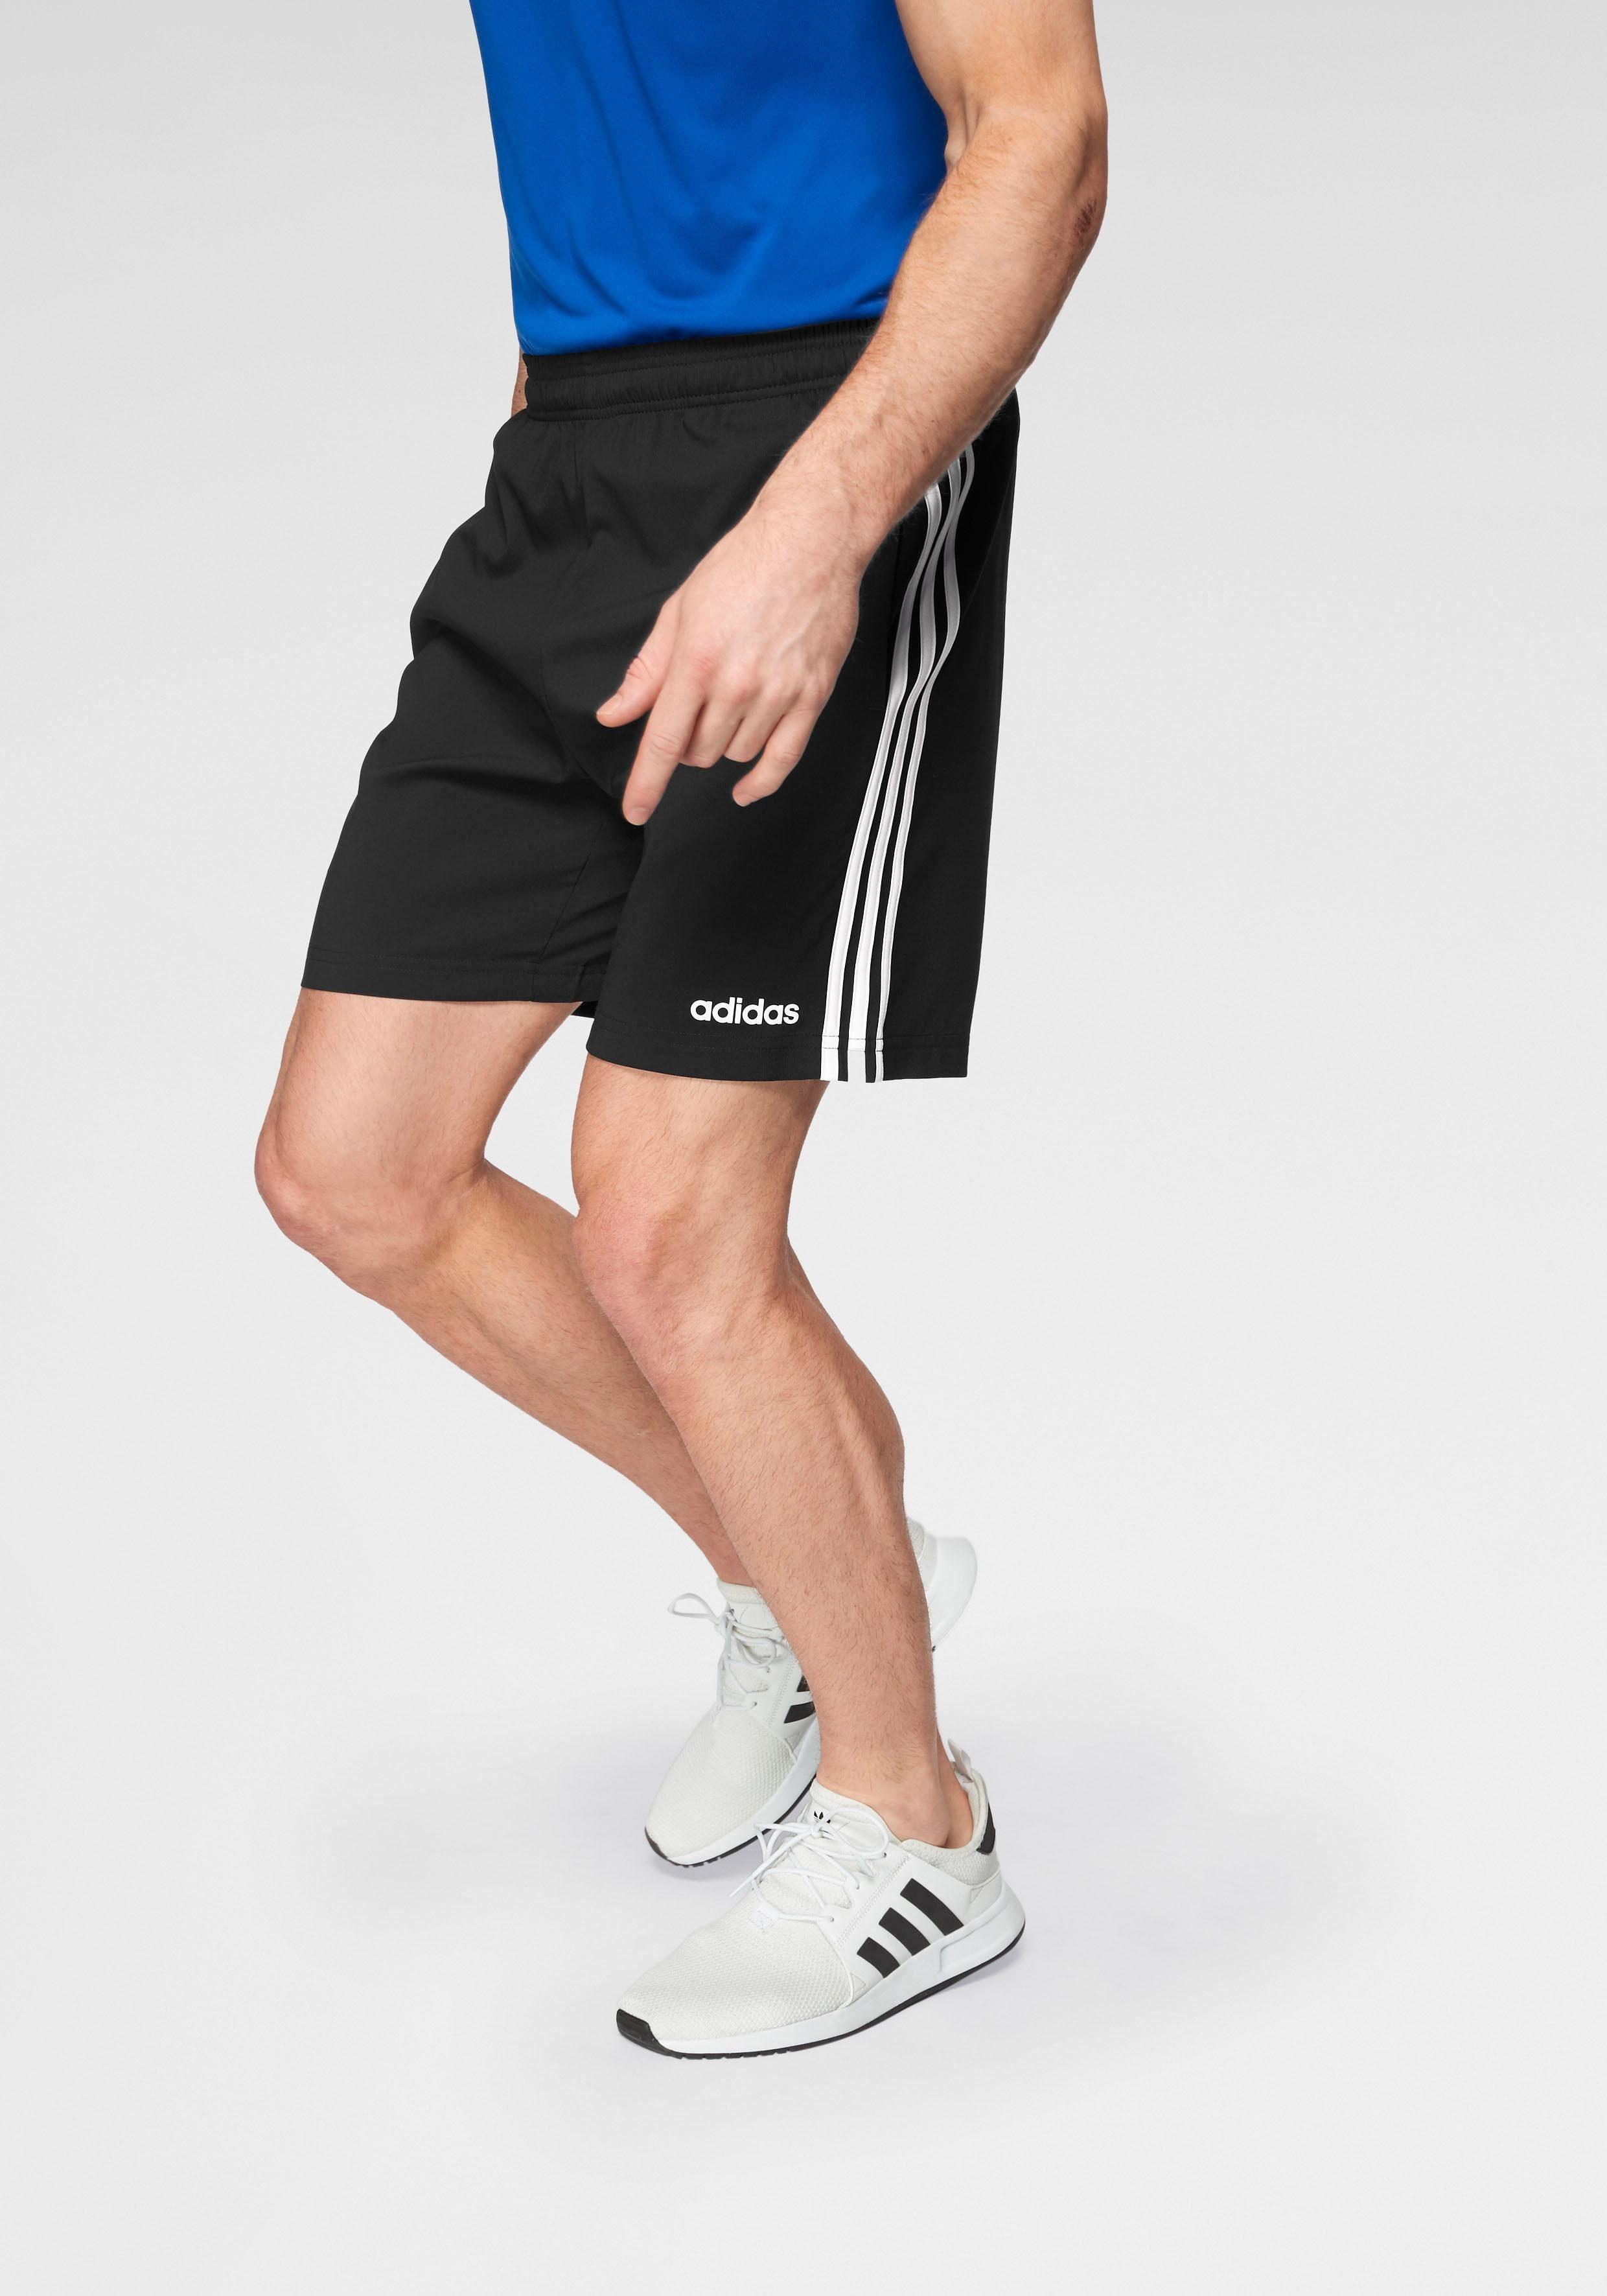 adidas Shorts »3 STRIPES CHELSEA«, Shorts von adidas CORE SPORT online kaufen | OTTO